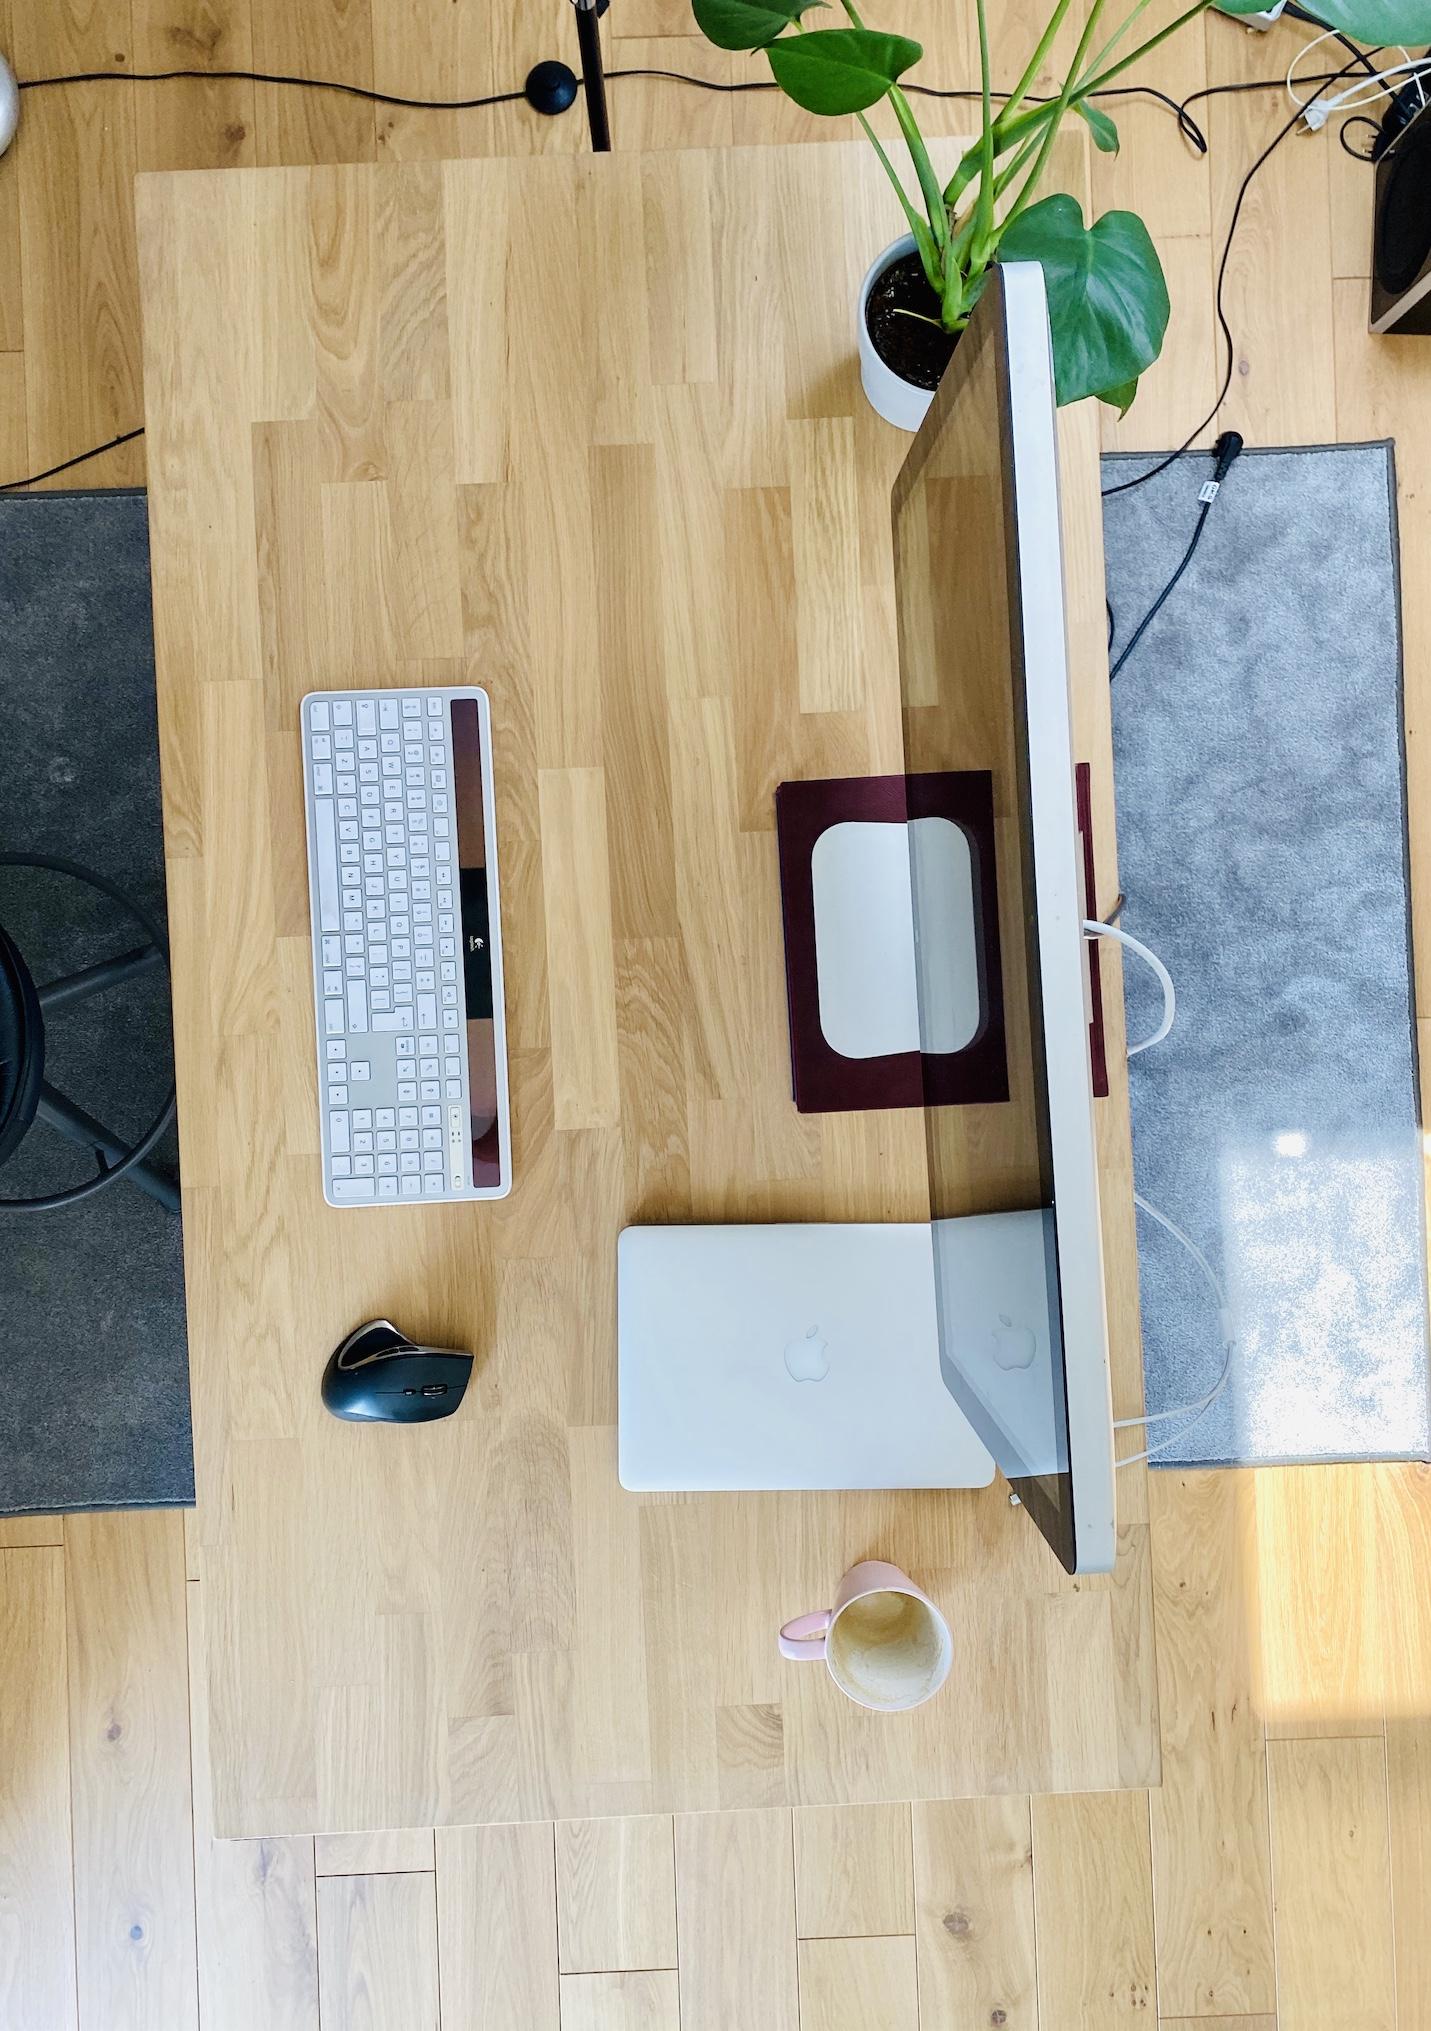 OAKDESK - biurko regulowane elektrycznie z blatem dąb naturalna krawędź premium 20